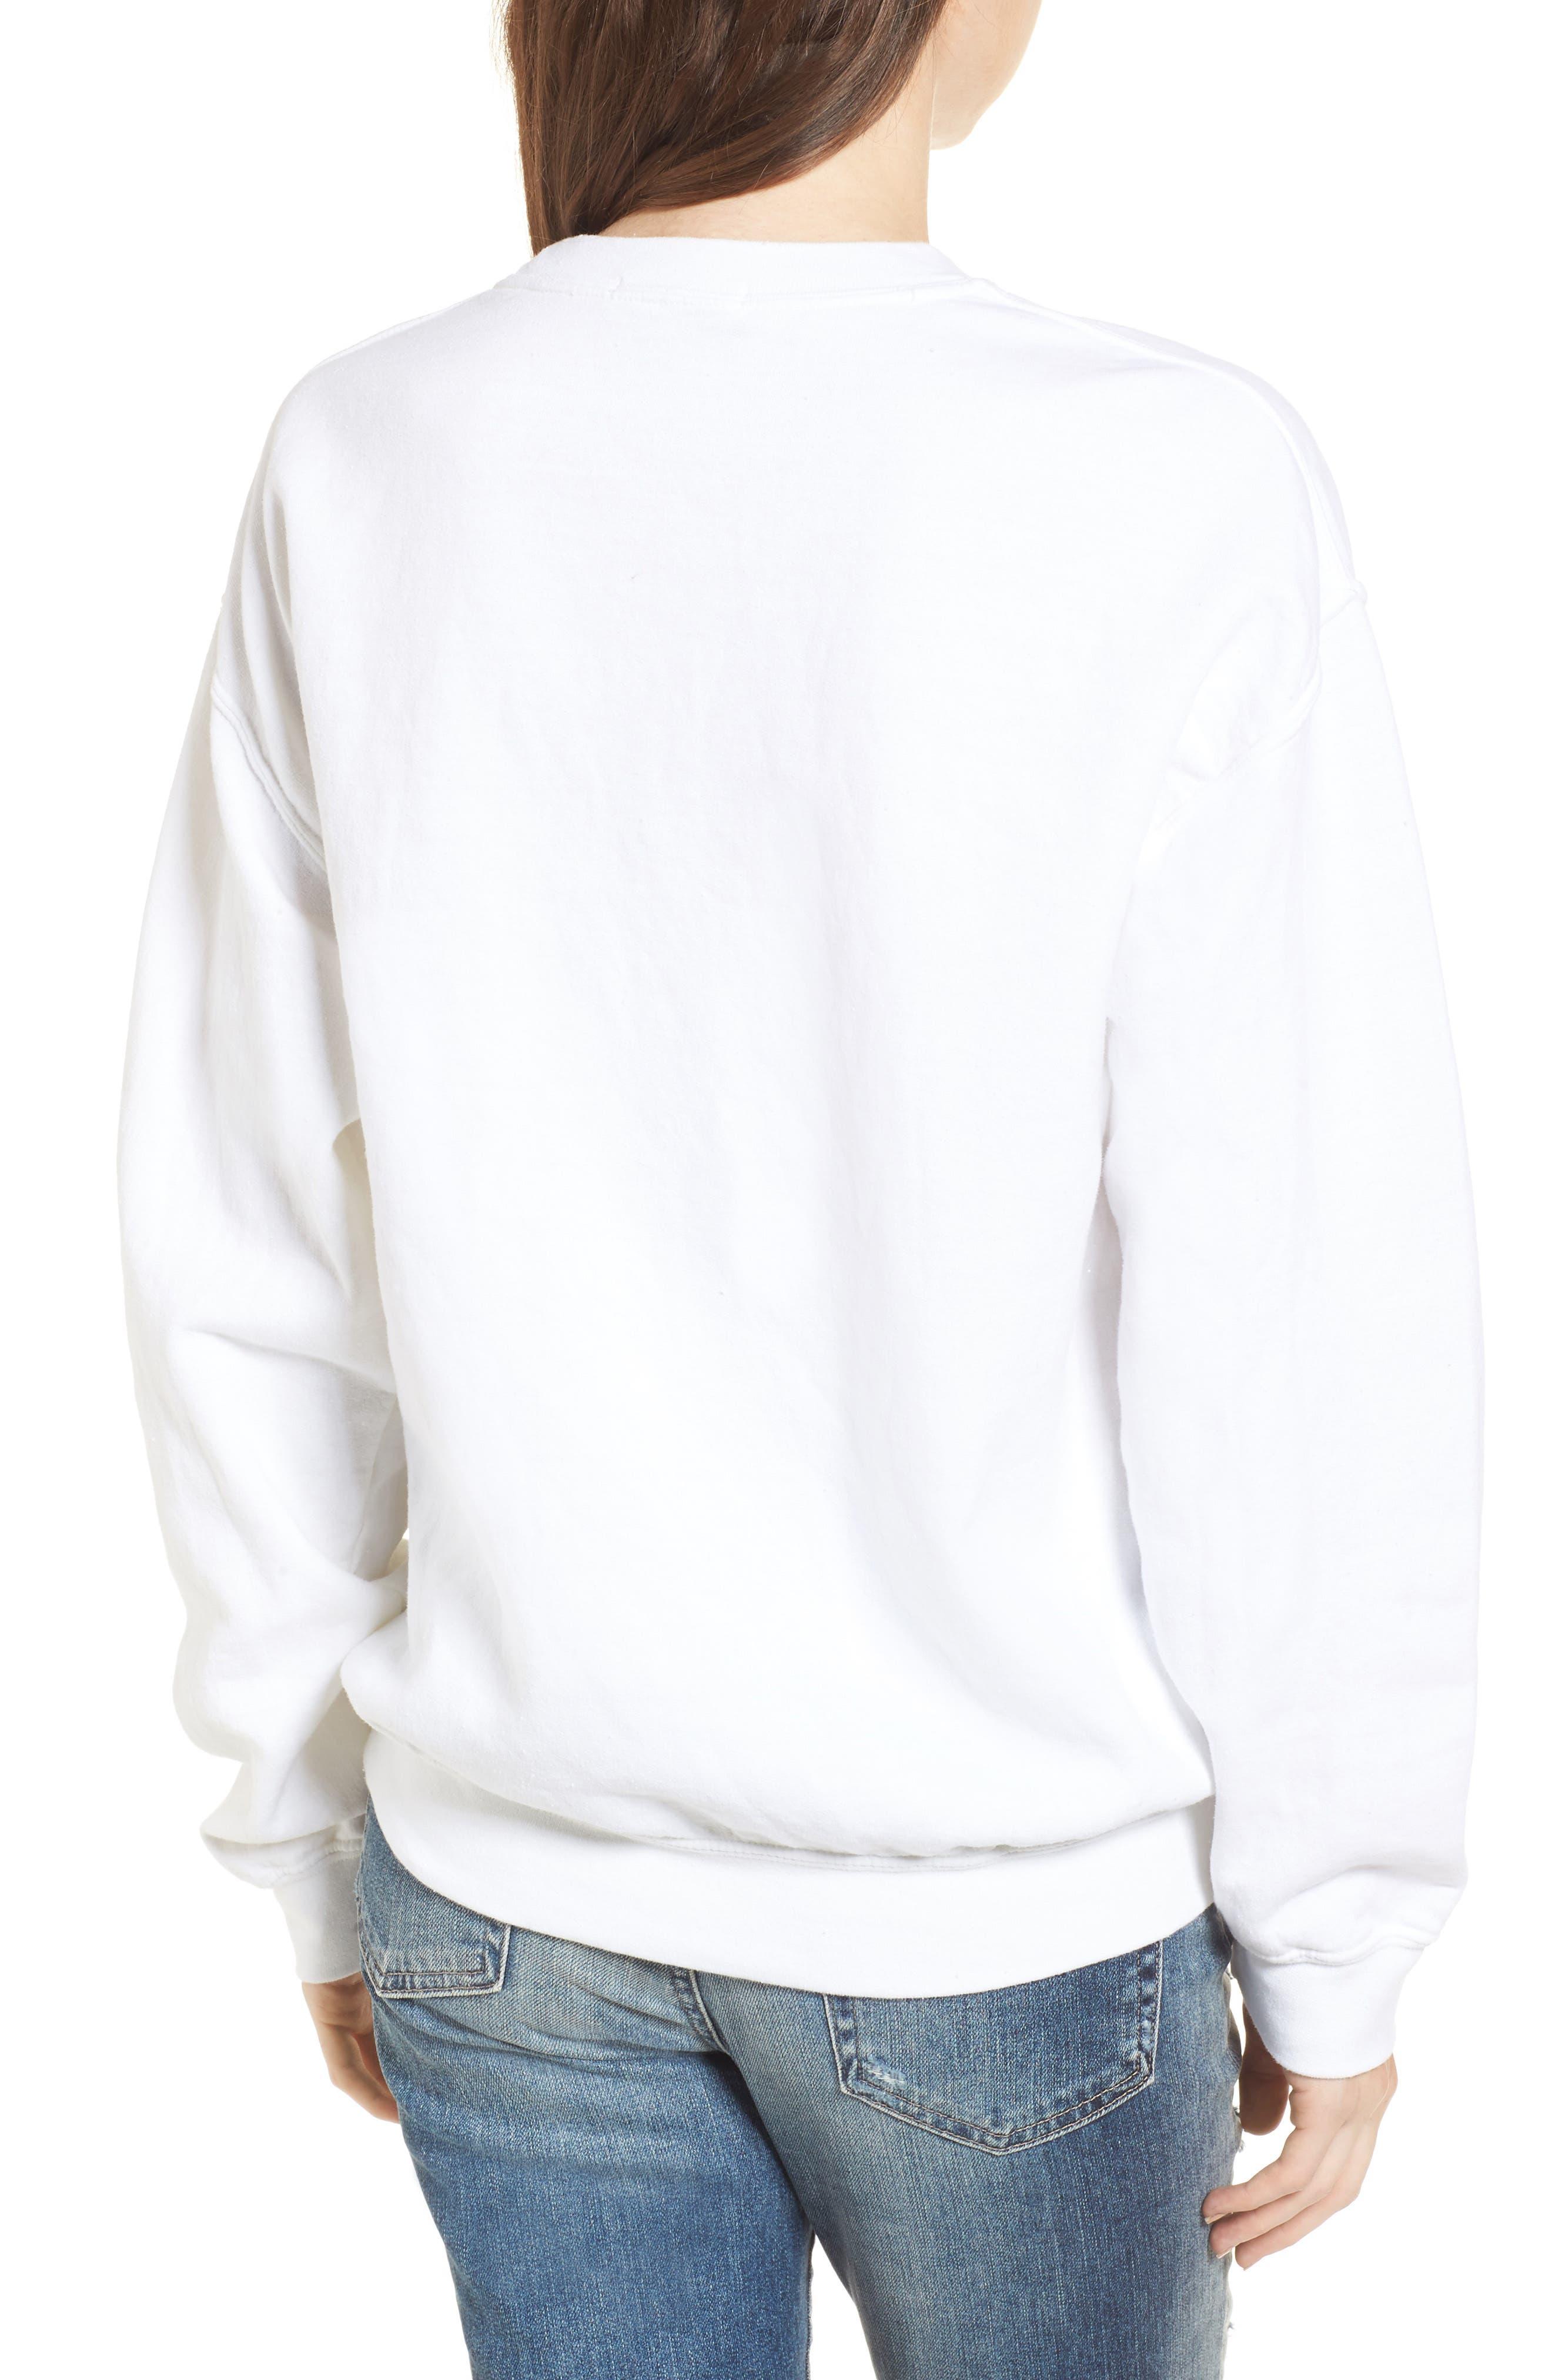 Let's Get Lit Sweatshirt,                             Alternate thumbnail 2, color,                             100